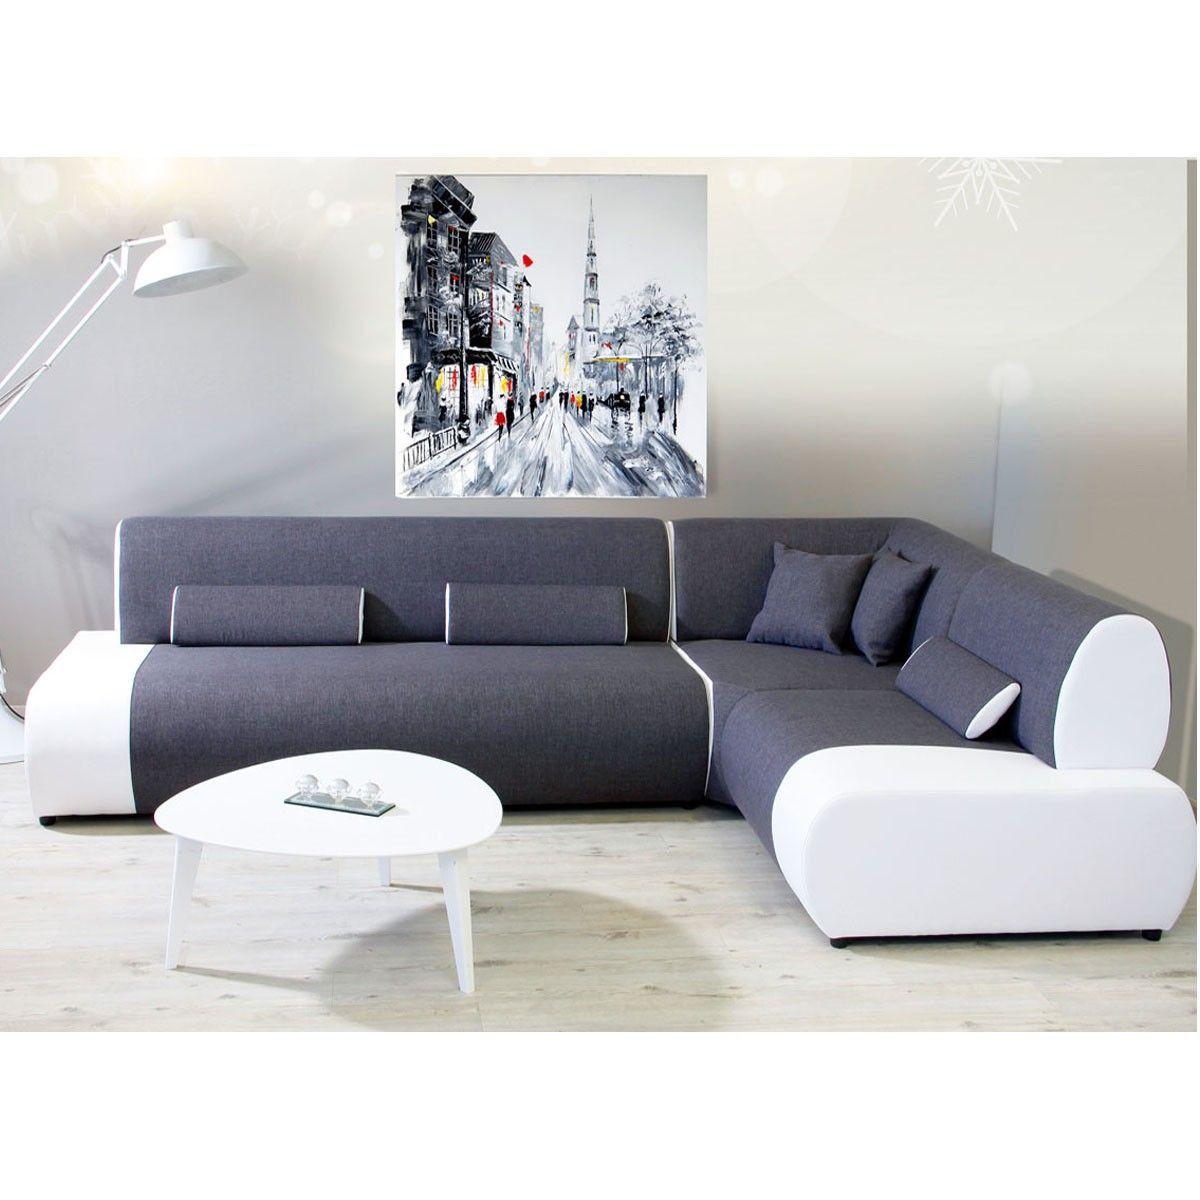 Canapé angle droit tissu polyester et pvc gris et blanc Miami